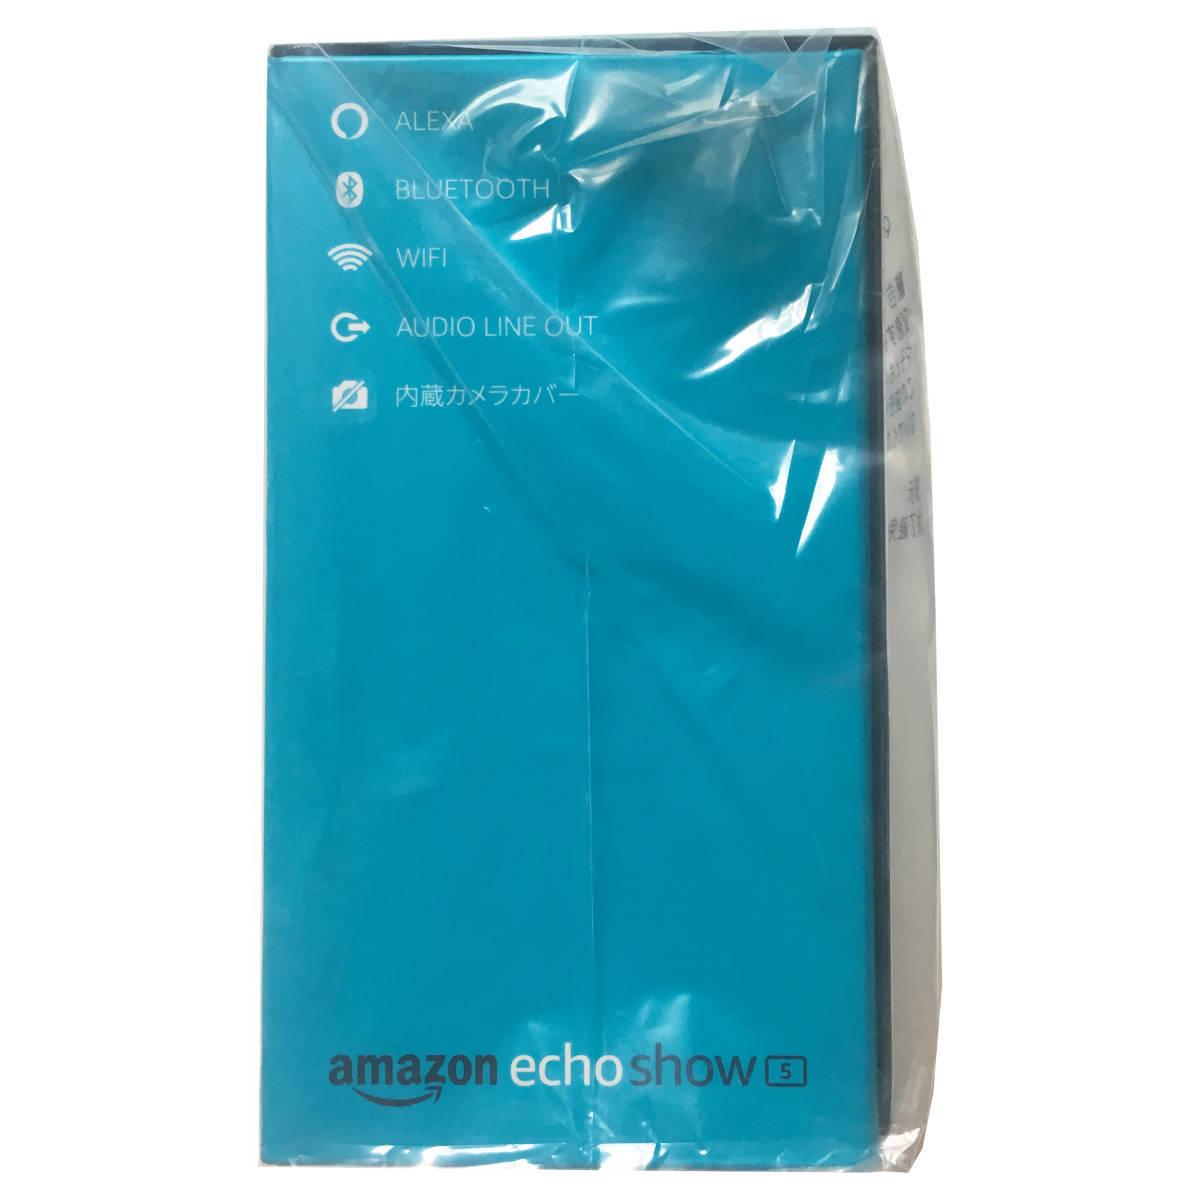 【新品・未開封】 Amazon echo show 5 Alexa 対応 スマートスピーカー + LinkJapan eRemote mini IoT リモコン セット IFTTT 対応_画像5